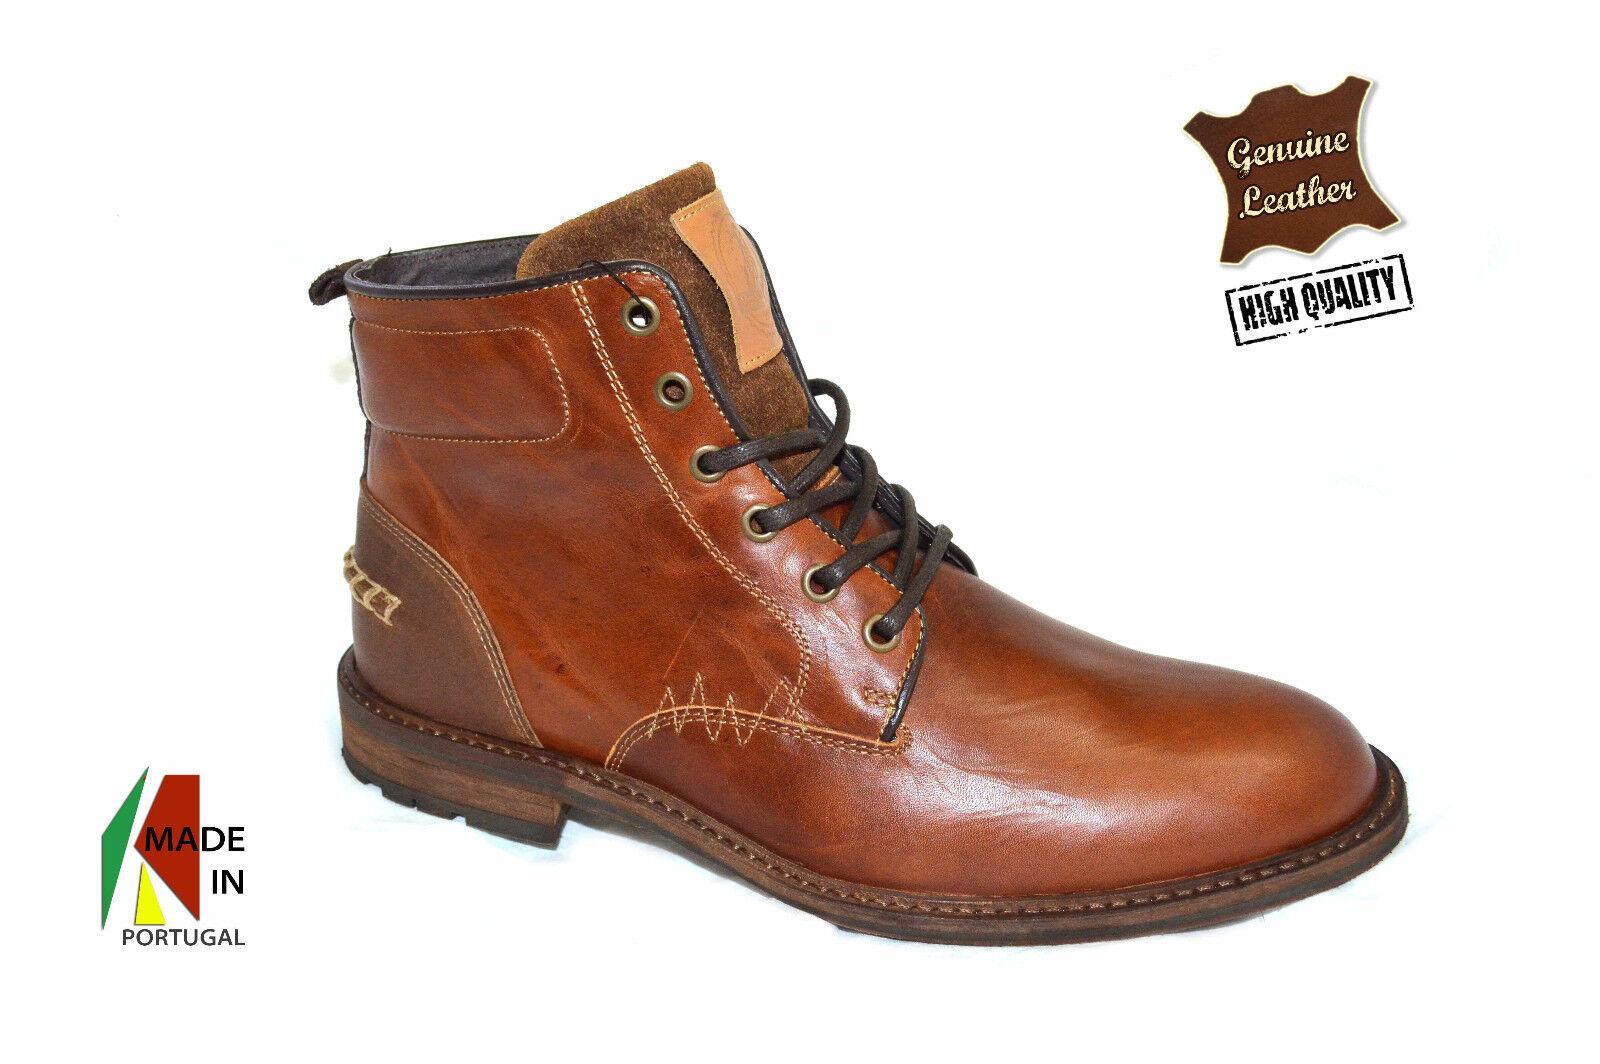 Leder Braun Leder Ankle Stiefel In Genuine Leder Braun 0ced0d